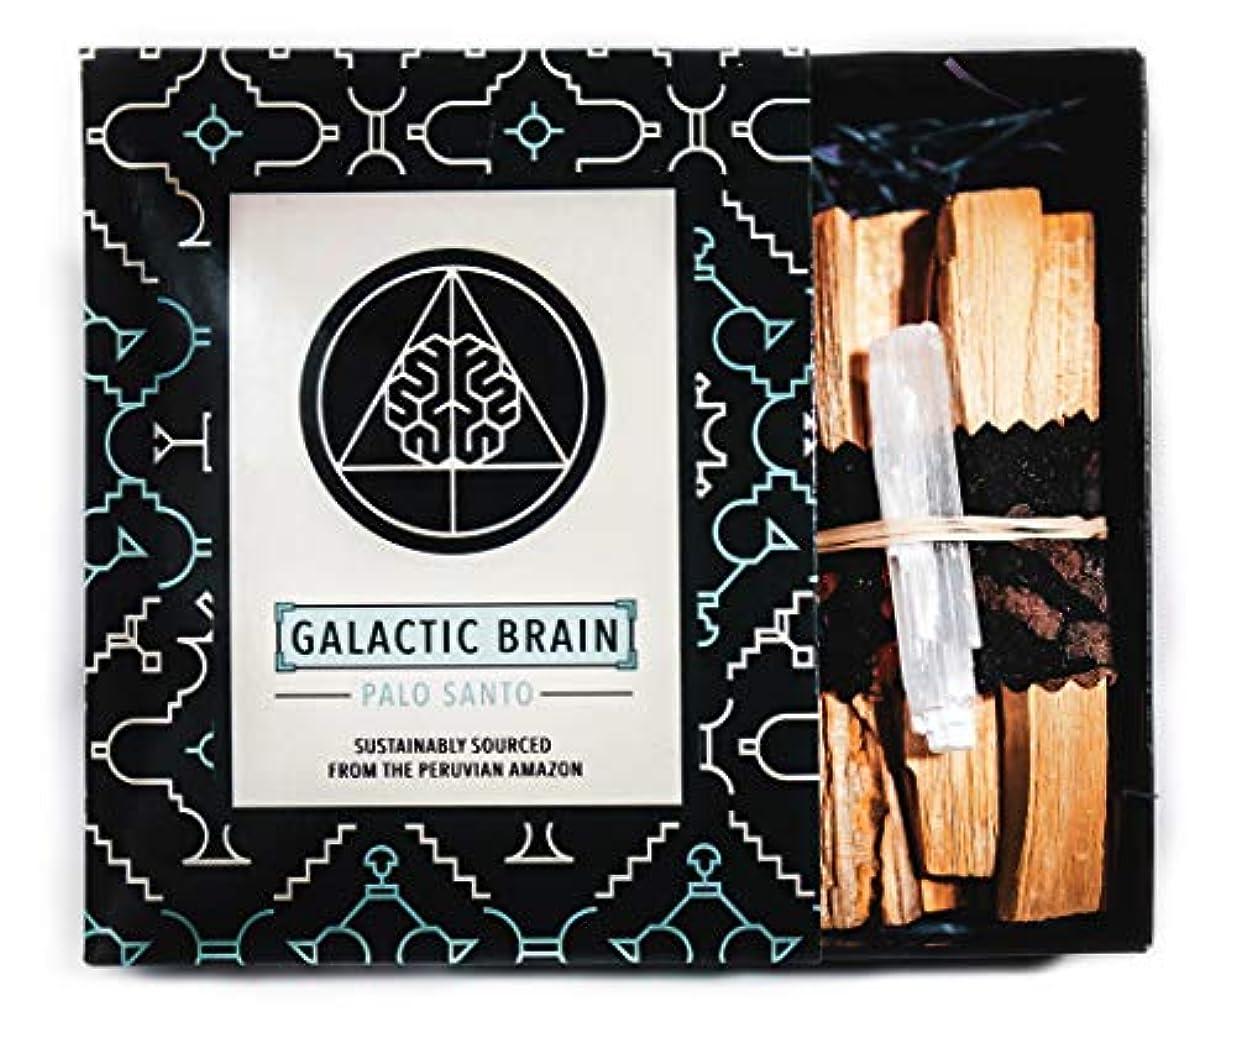 前方へ取得する右GalacticBrainパロサントスマッジスティックキット ご自宅をきれいにしましょう。 瞑想/ヨガの練習を強化。 自然とつながります。 振動を上げましょう。 ギフトセット入りスマッジスティック 12本 (90g) 4インチ